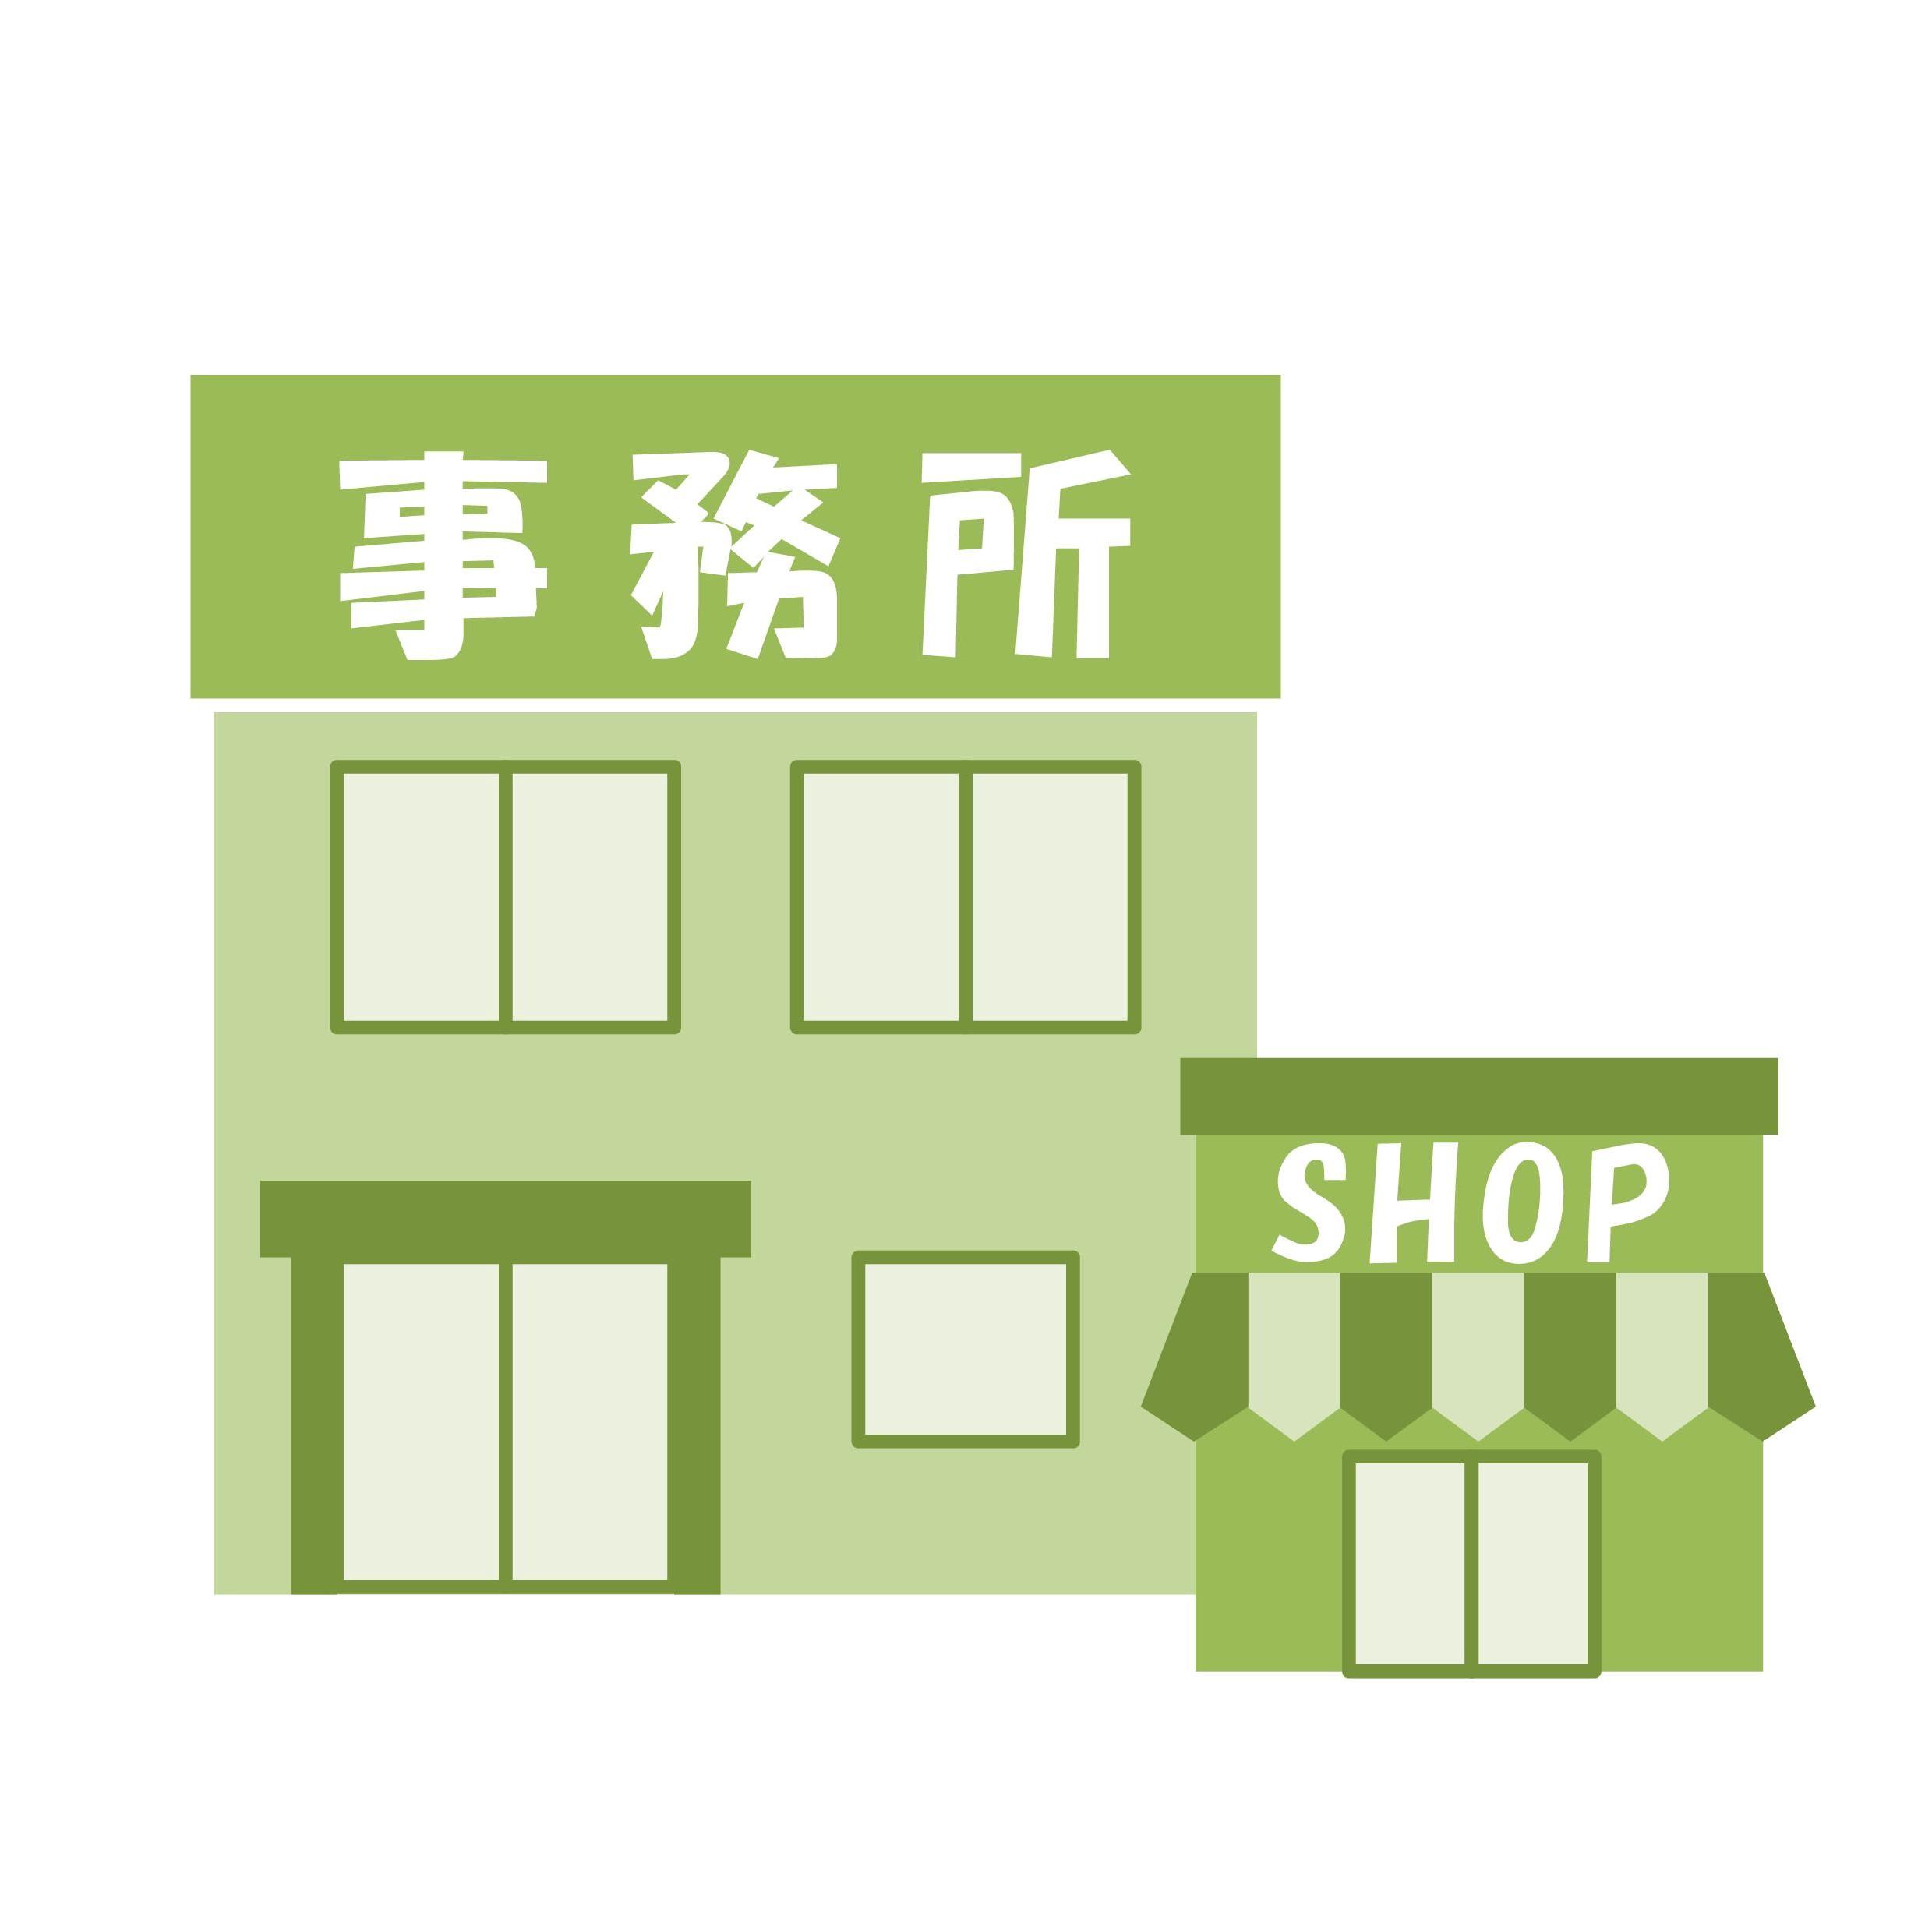 関東エリアを中心に 飲食店舗・オフィス事務所・貸会議室・物販店舗・保育所・物流施設・倉庫など幅広くお探し致します。